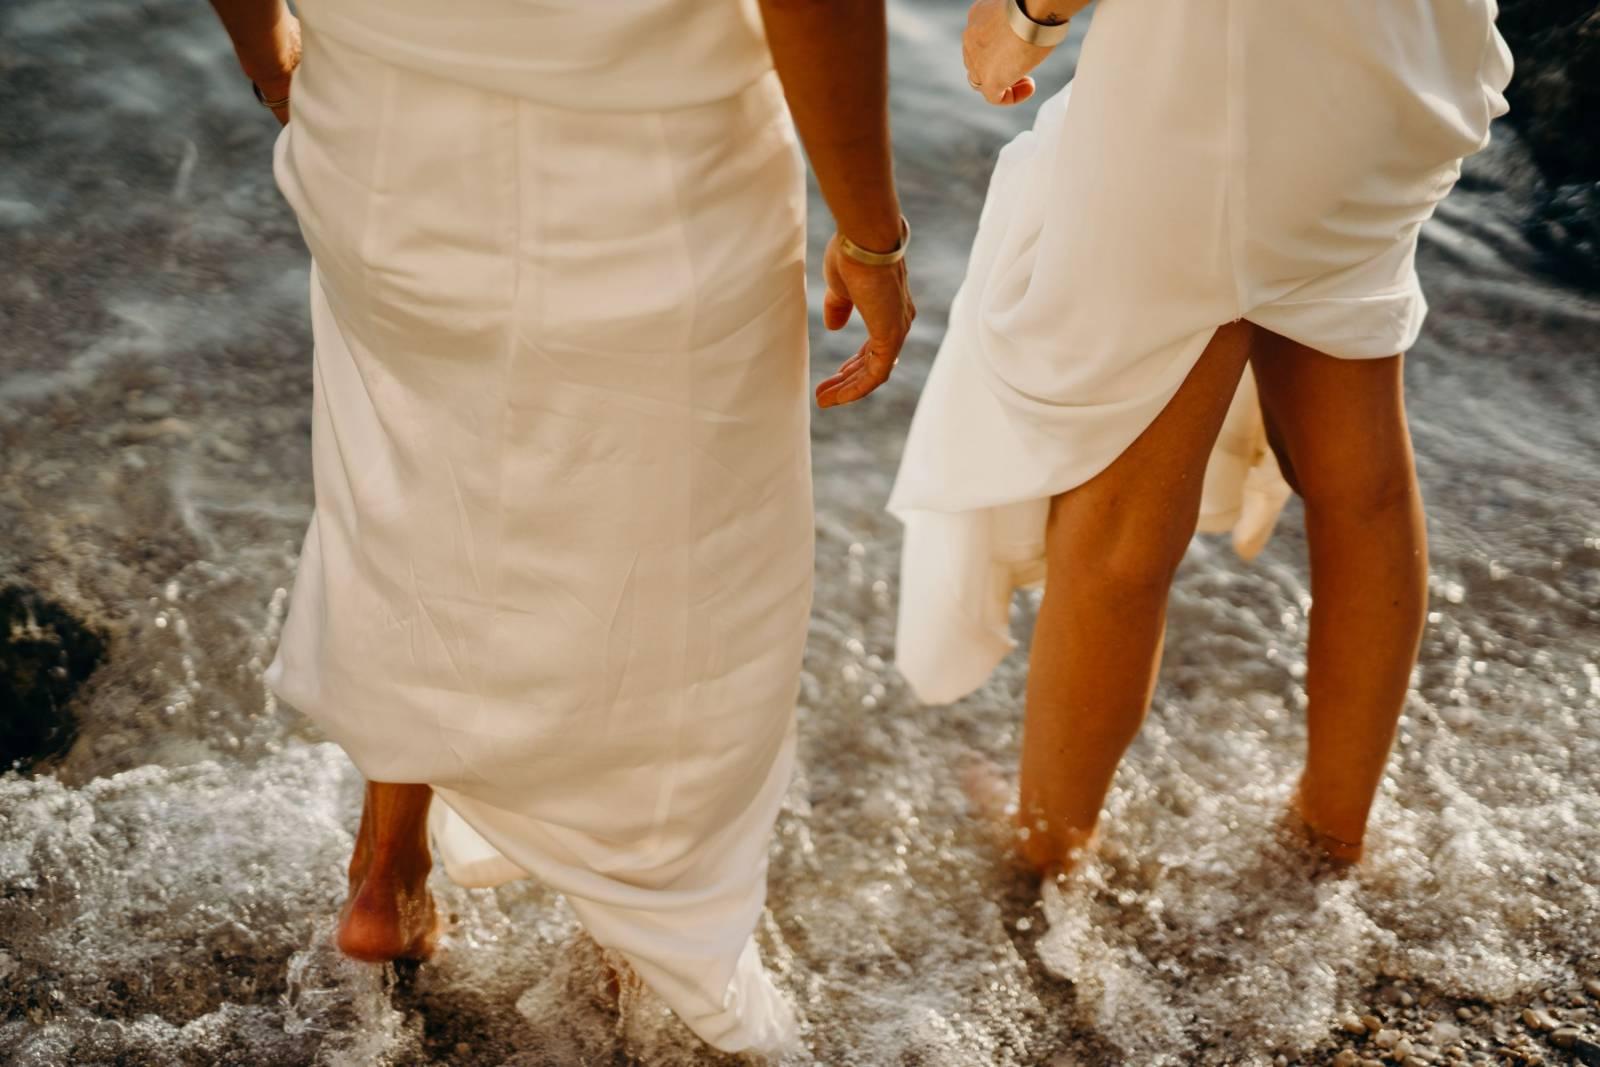 Frankie and Fish - Trouwfotograaf - Huwelijksfotograaf - Bruidsfotograaf - House of Weddings - 35